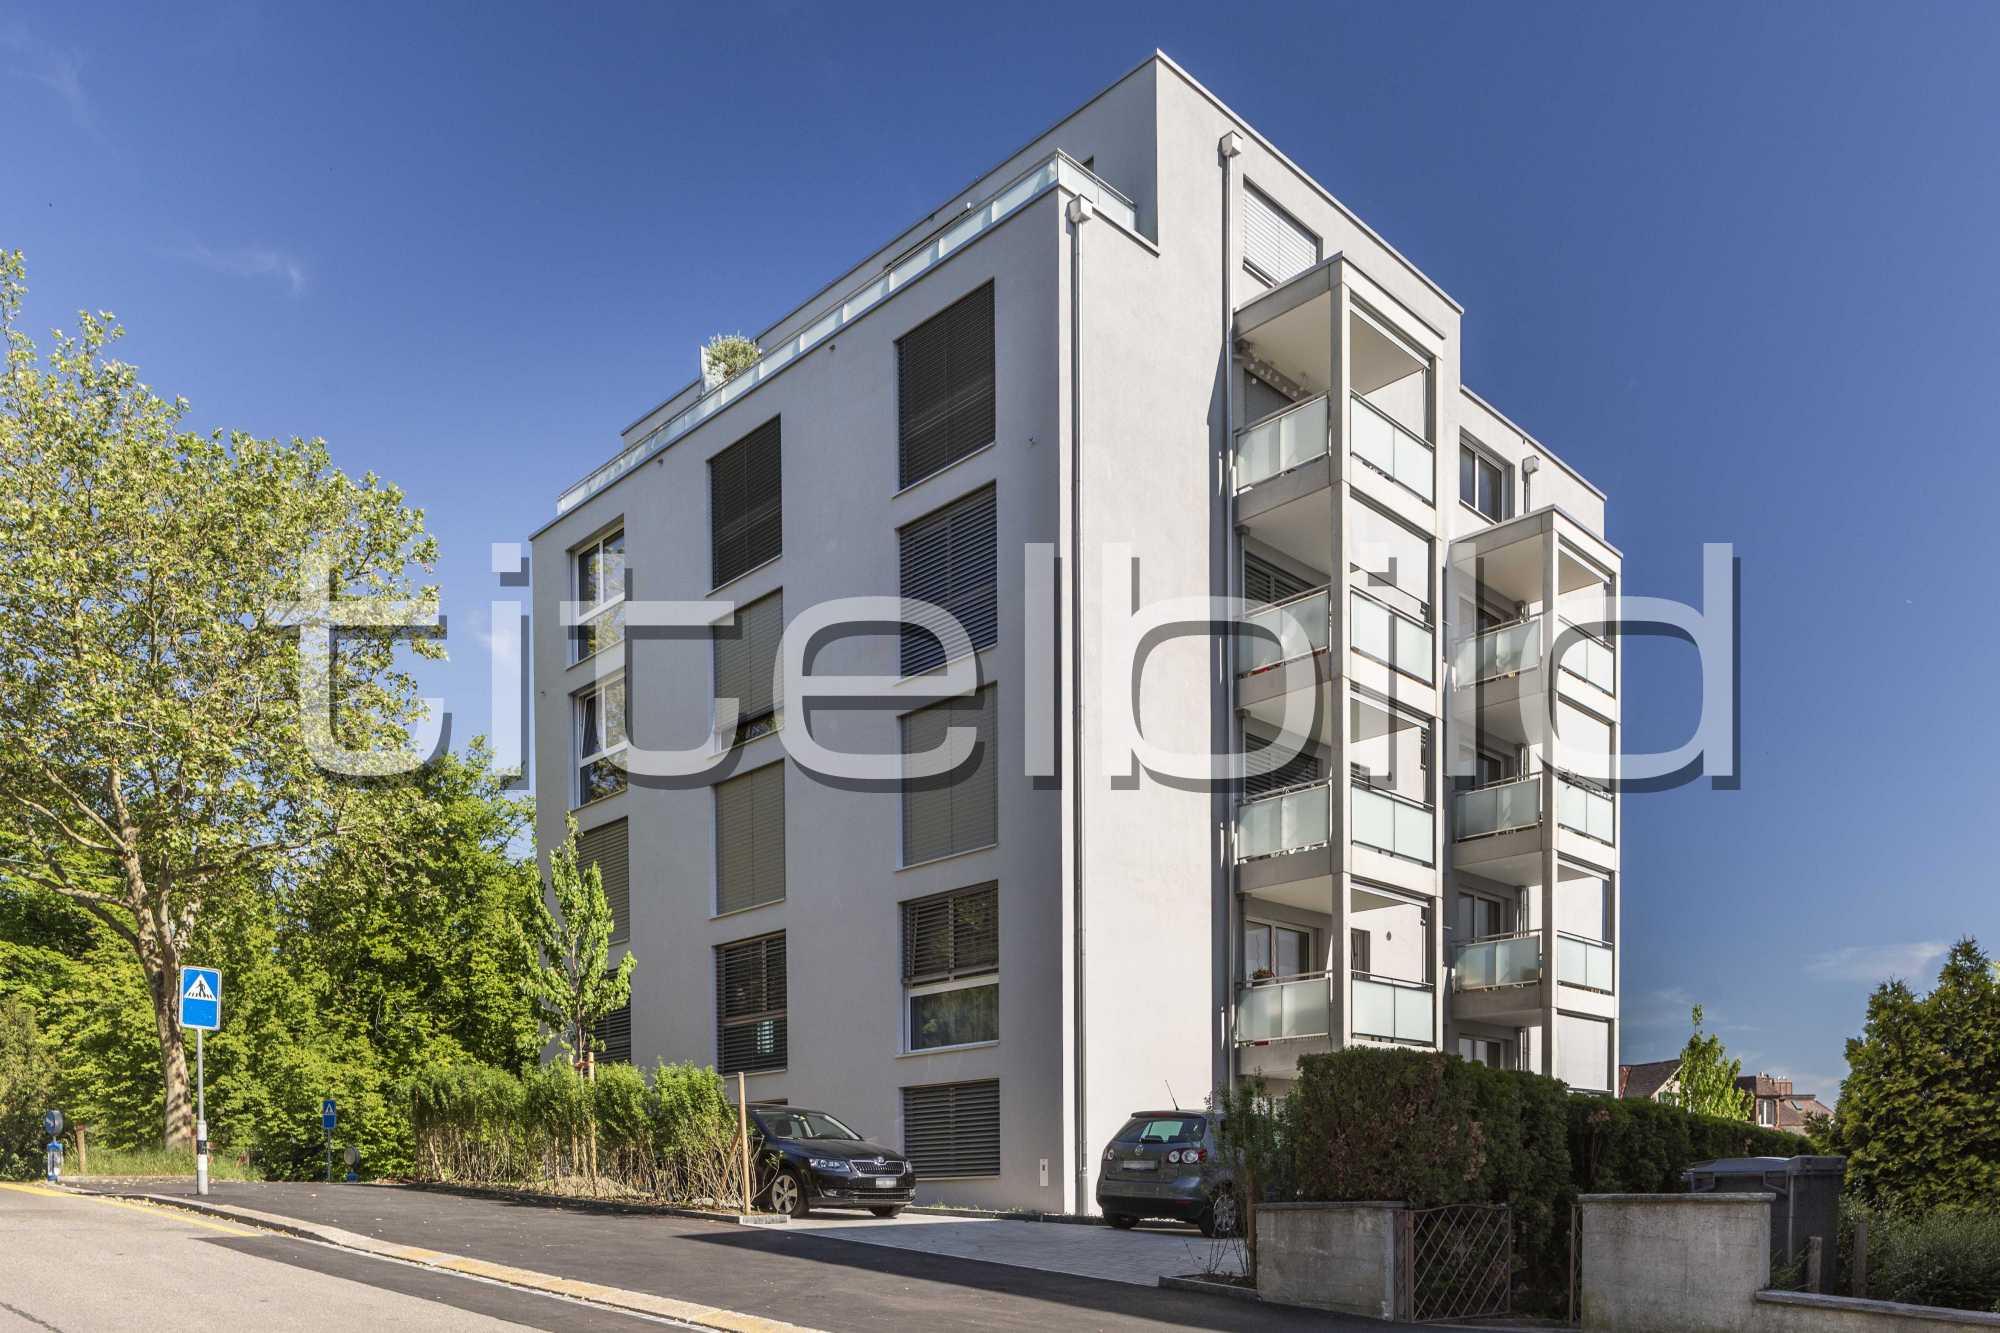 Projektbild-Nr. 0: Regensbergstrasse 96